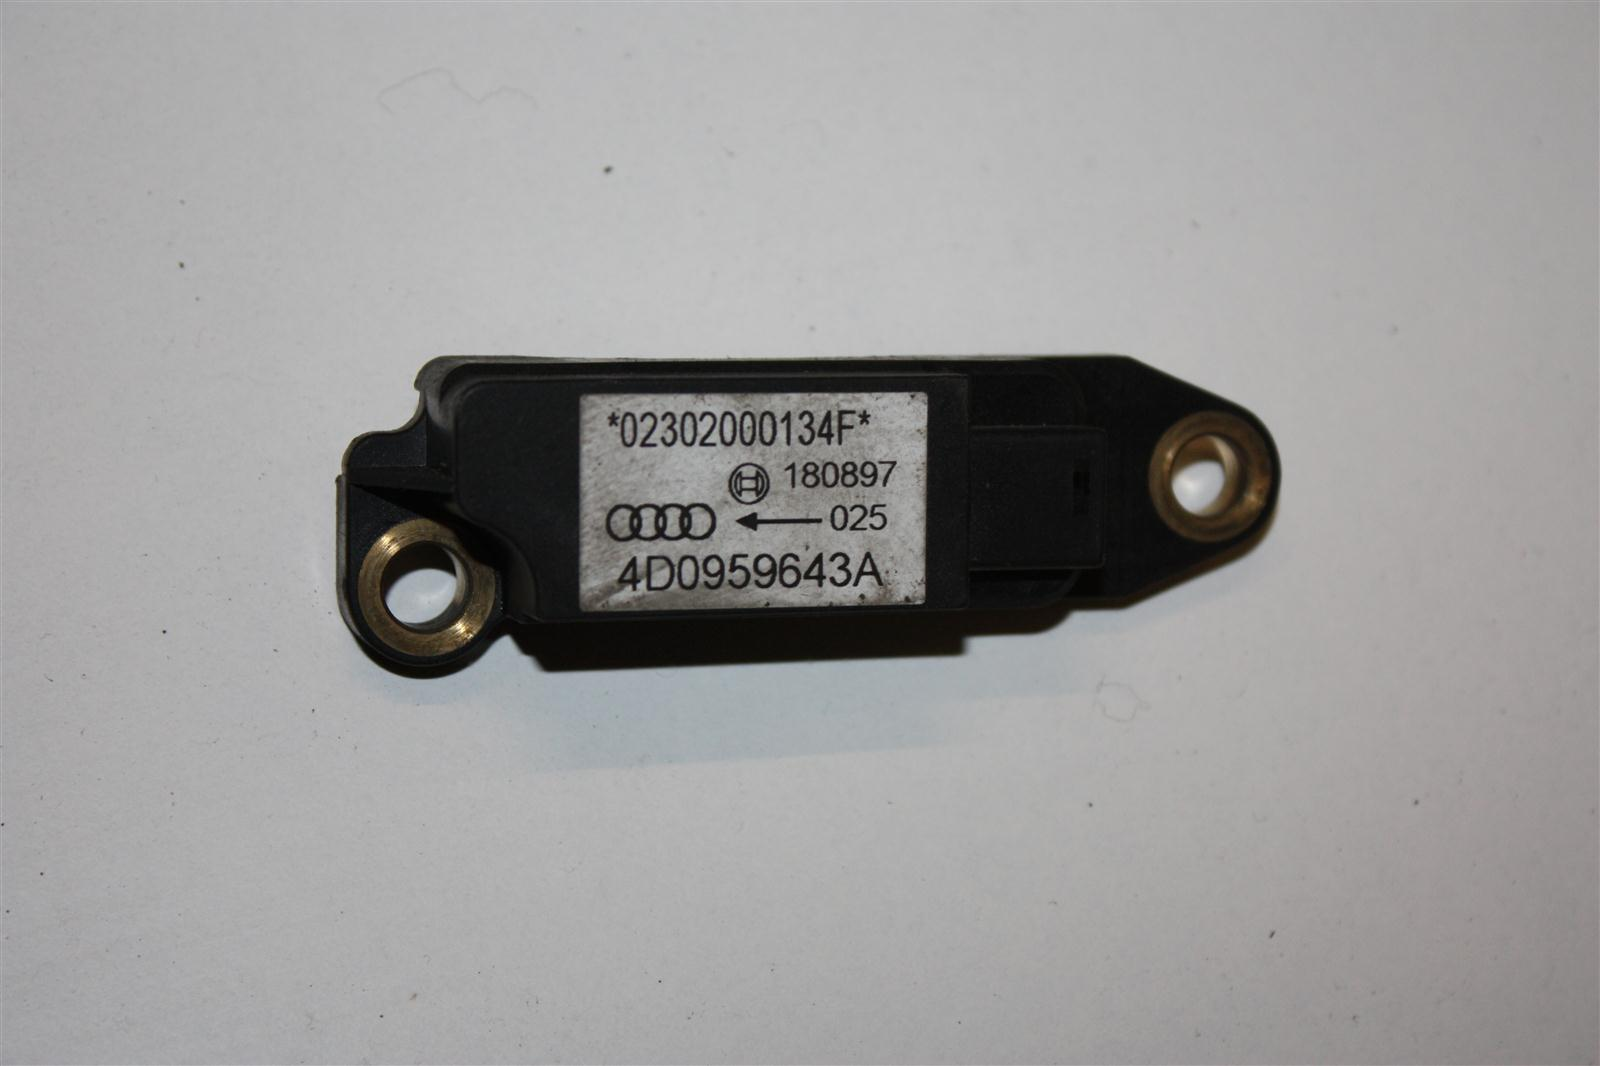 Audi A8 D2 Crash-Sensor 4D0959643A